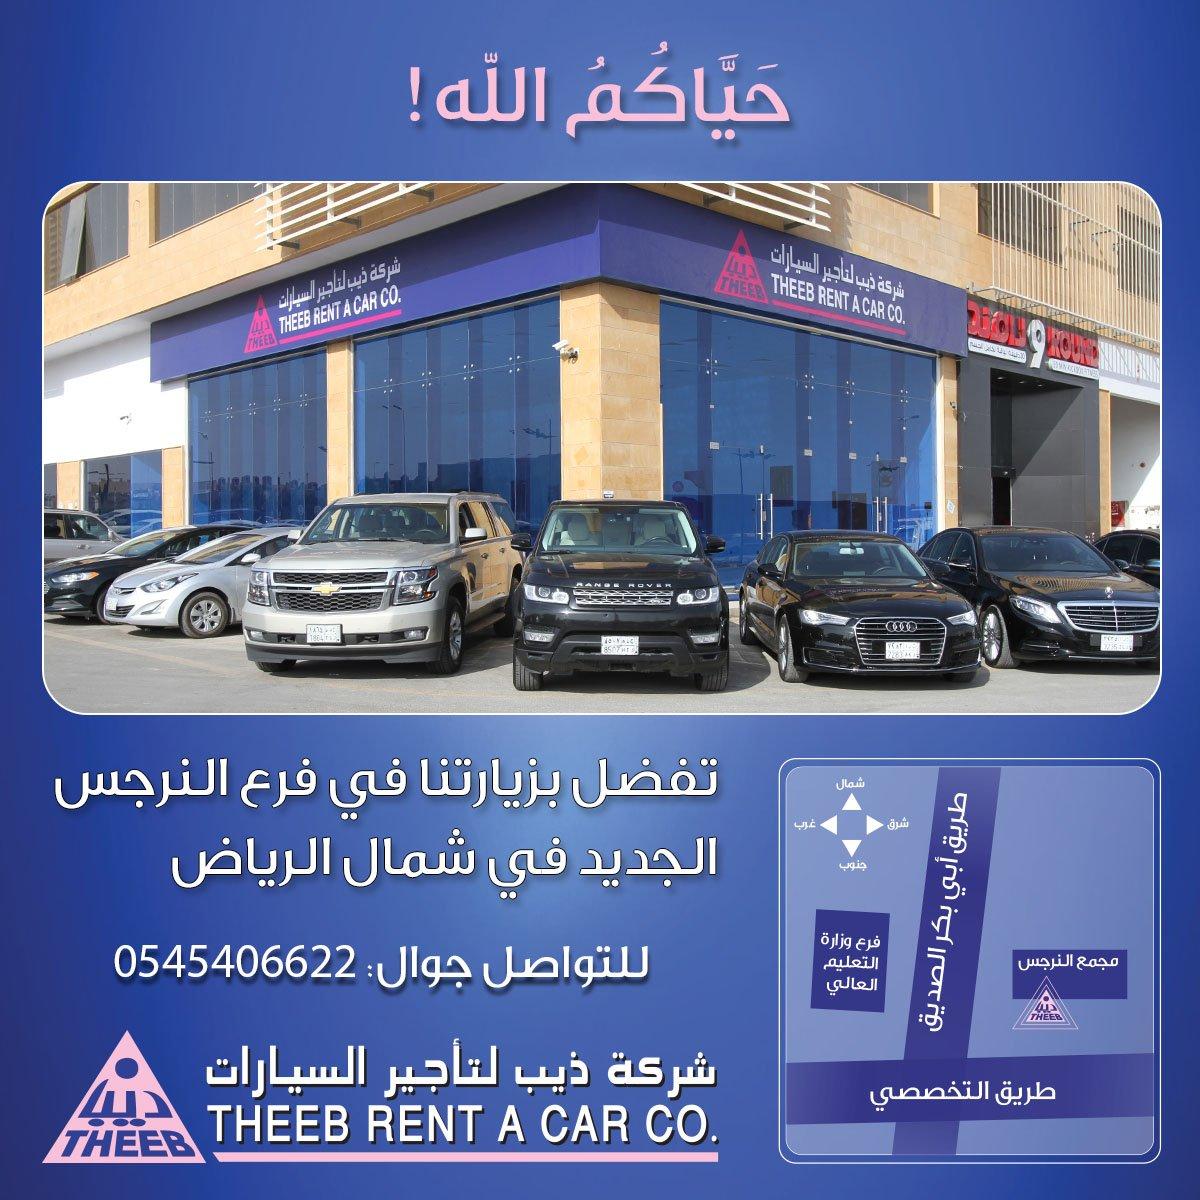 ذيب لتأجير السيارات V Twitter عملائنا الكرام نتشرف بخدمتكم بفرع ذيب لتأجير السيارات الجديد في حي النرجس شمال الرياض للتواصل 0545406622 Https T Co Baqoijp9j0